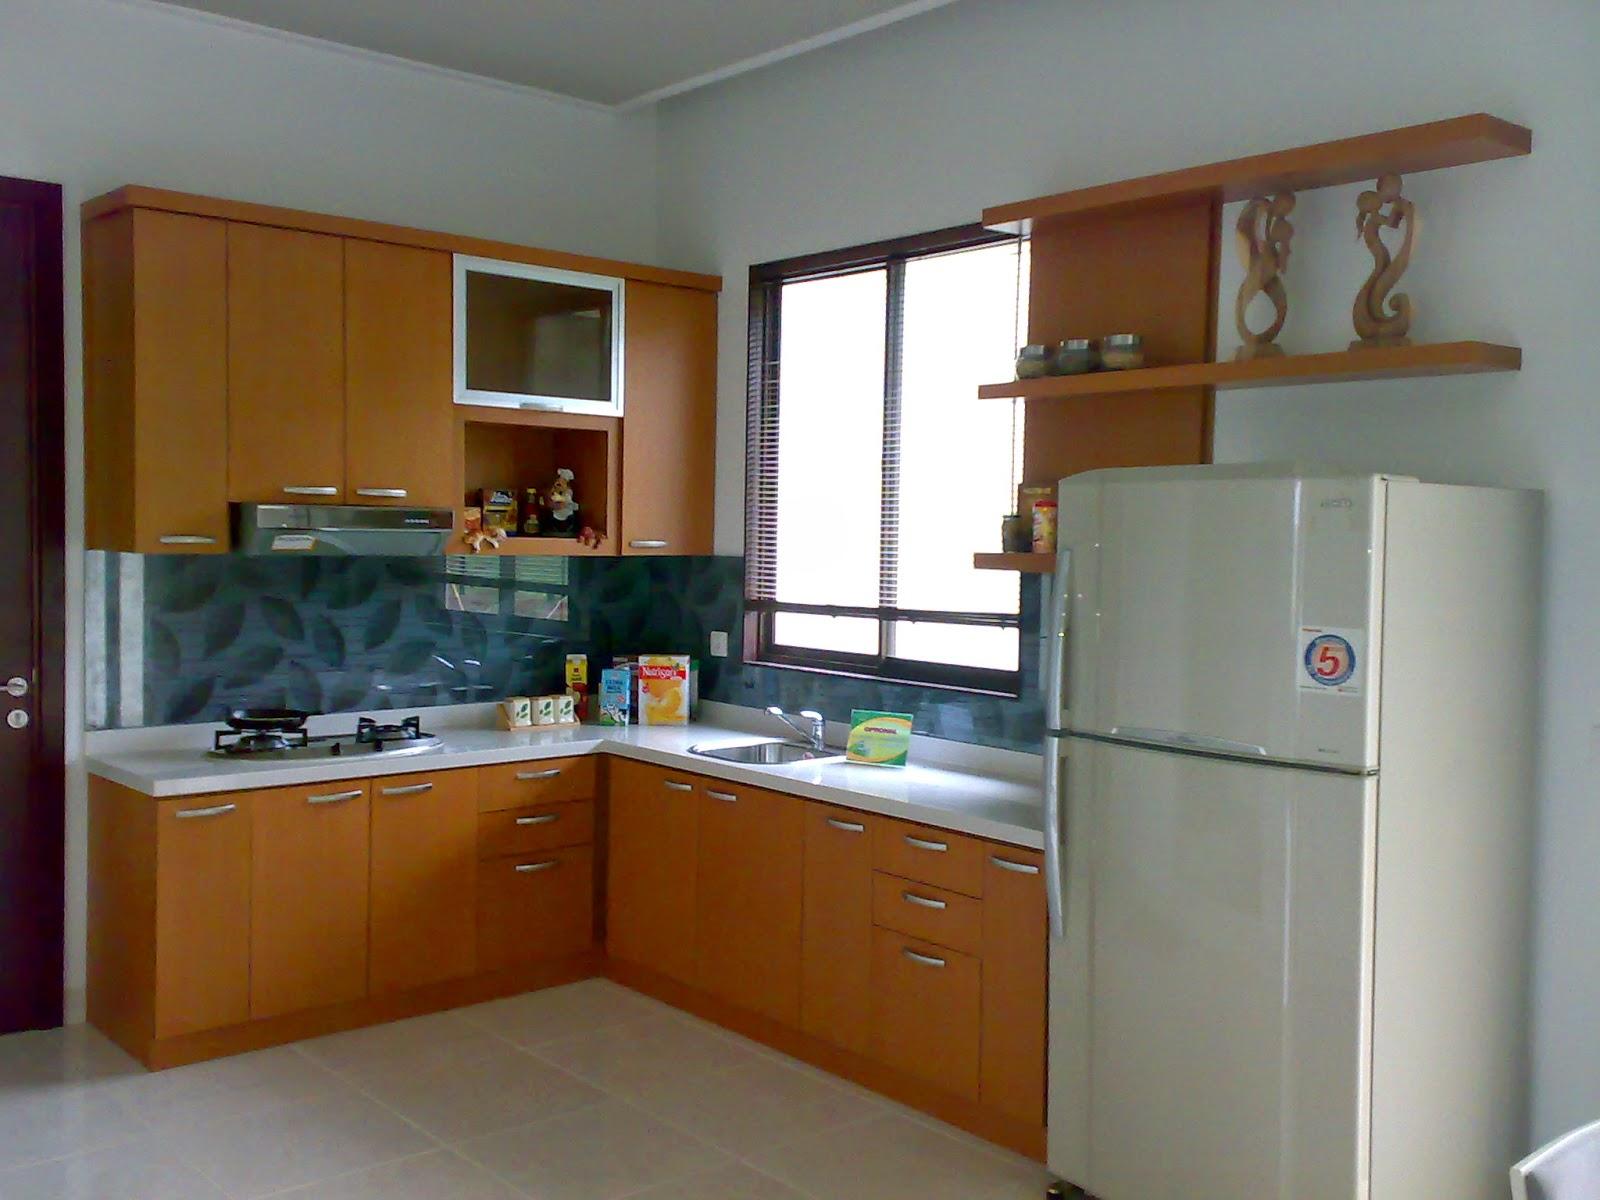 N Contoh Desain Dapur Minimalis Terbaru